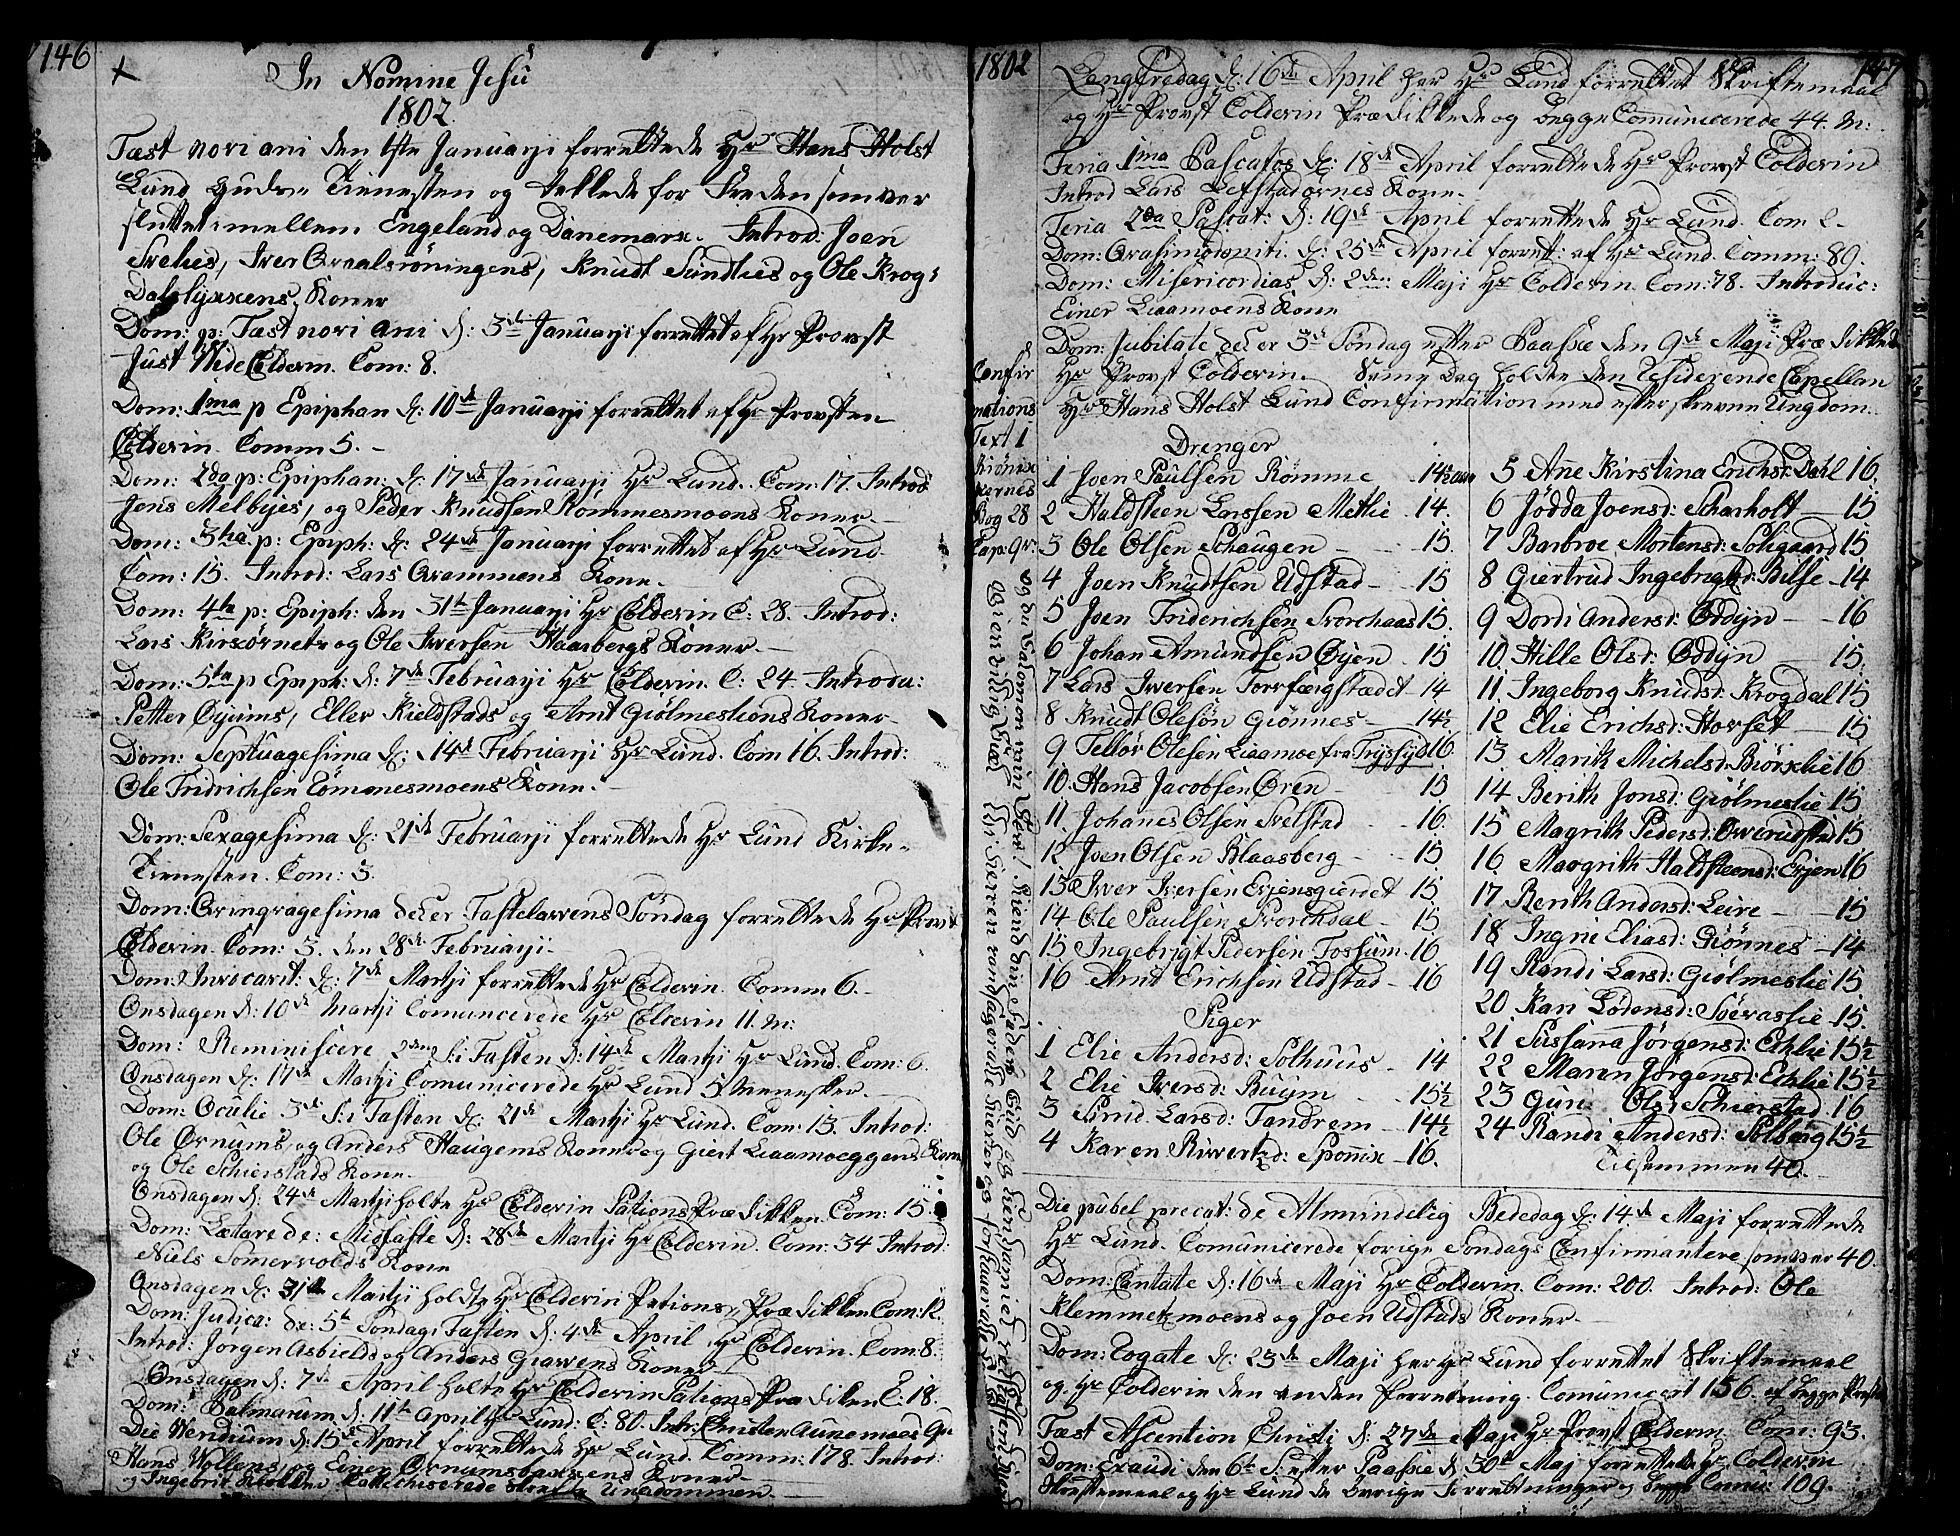 SAT, Ministerialprotokoller, klokkerbøker og fødselsregistre - Sør-Trøndelag, 668/L0815: Klokkerbok nr. 668C04, 1791-1815, s. 146-147